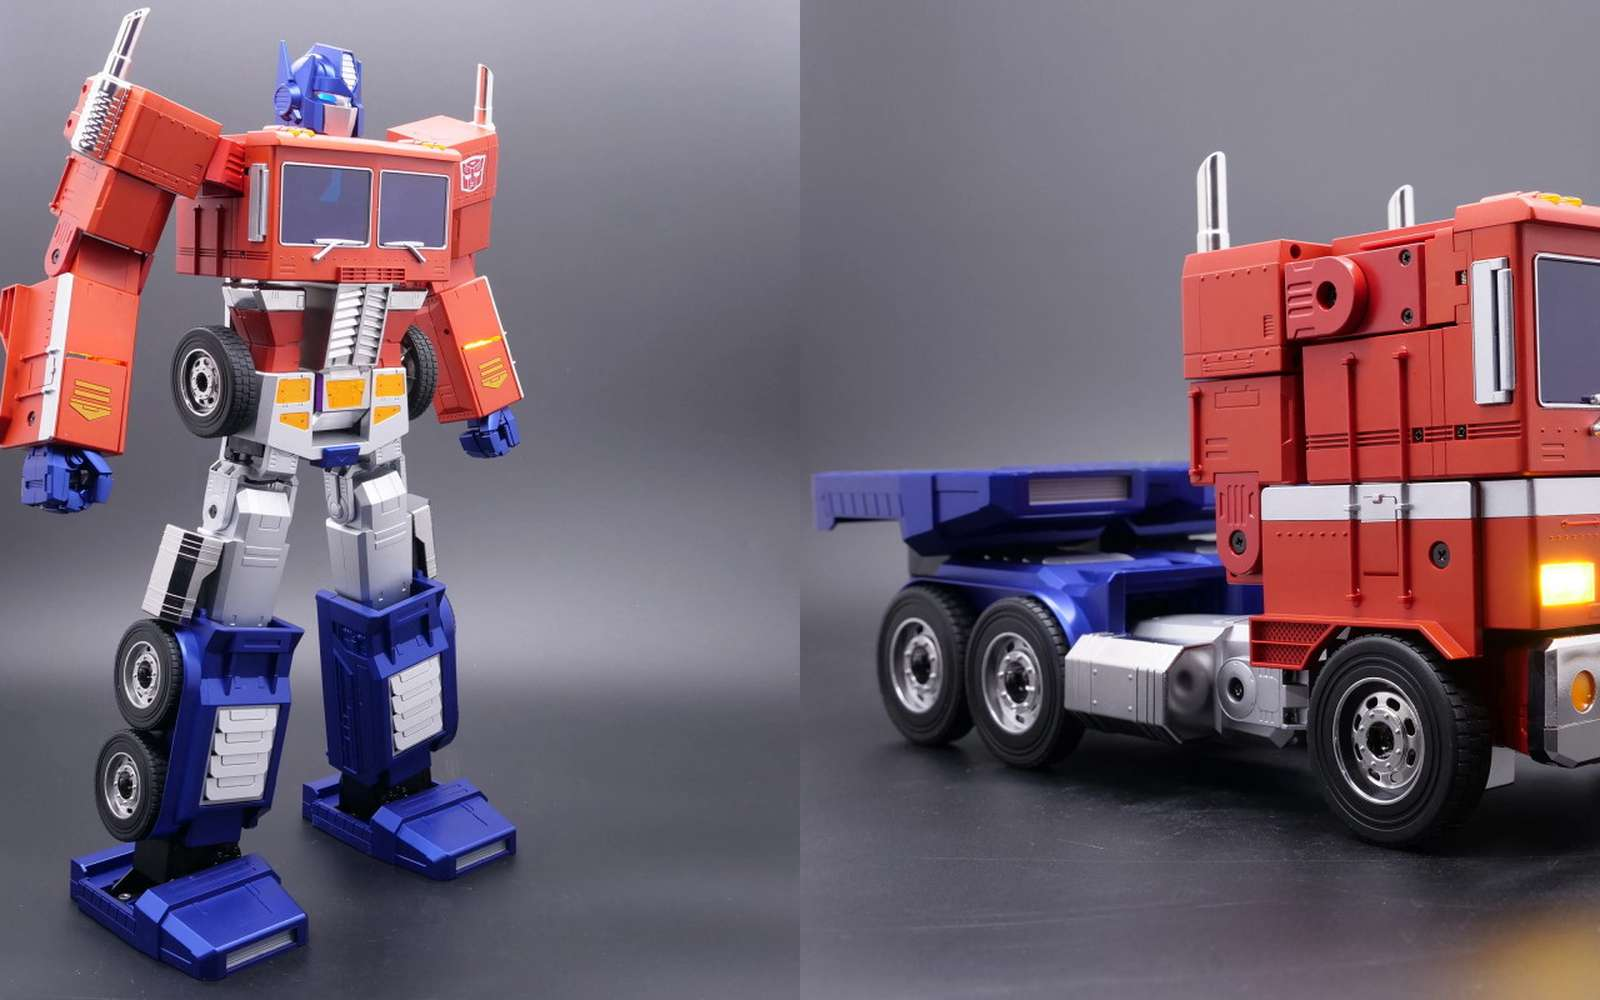 Composé de 5.000 pièces, le robot Transformers devient réalité